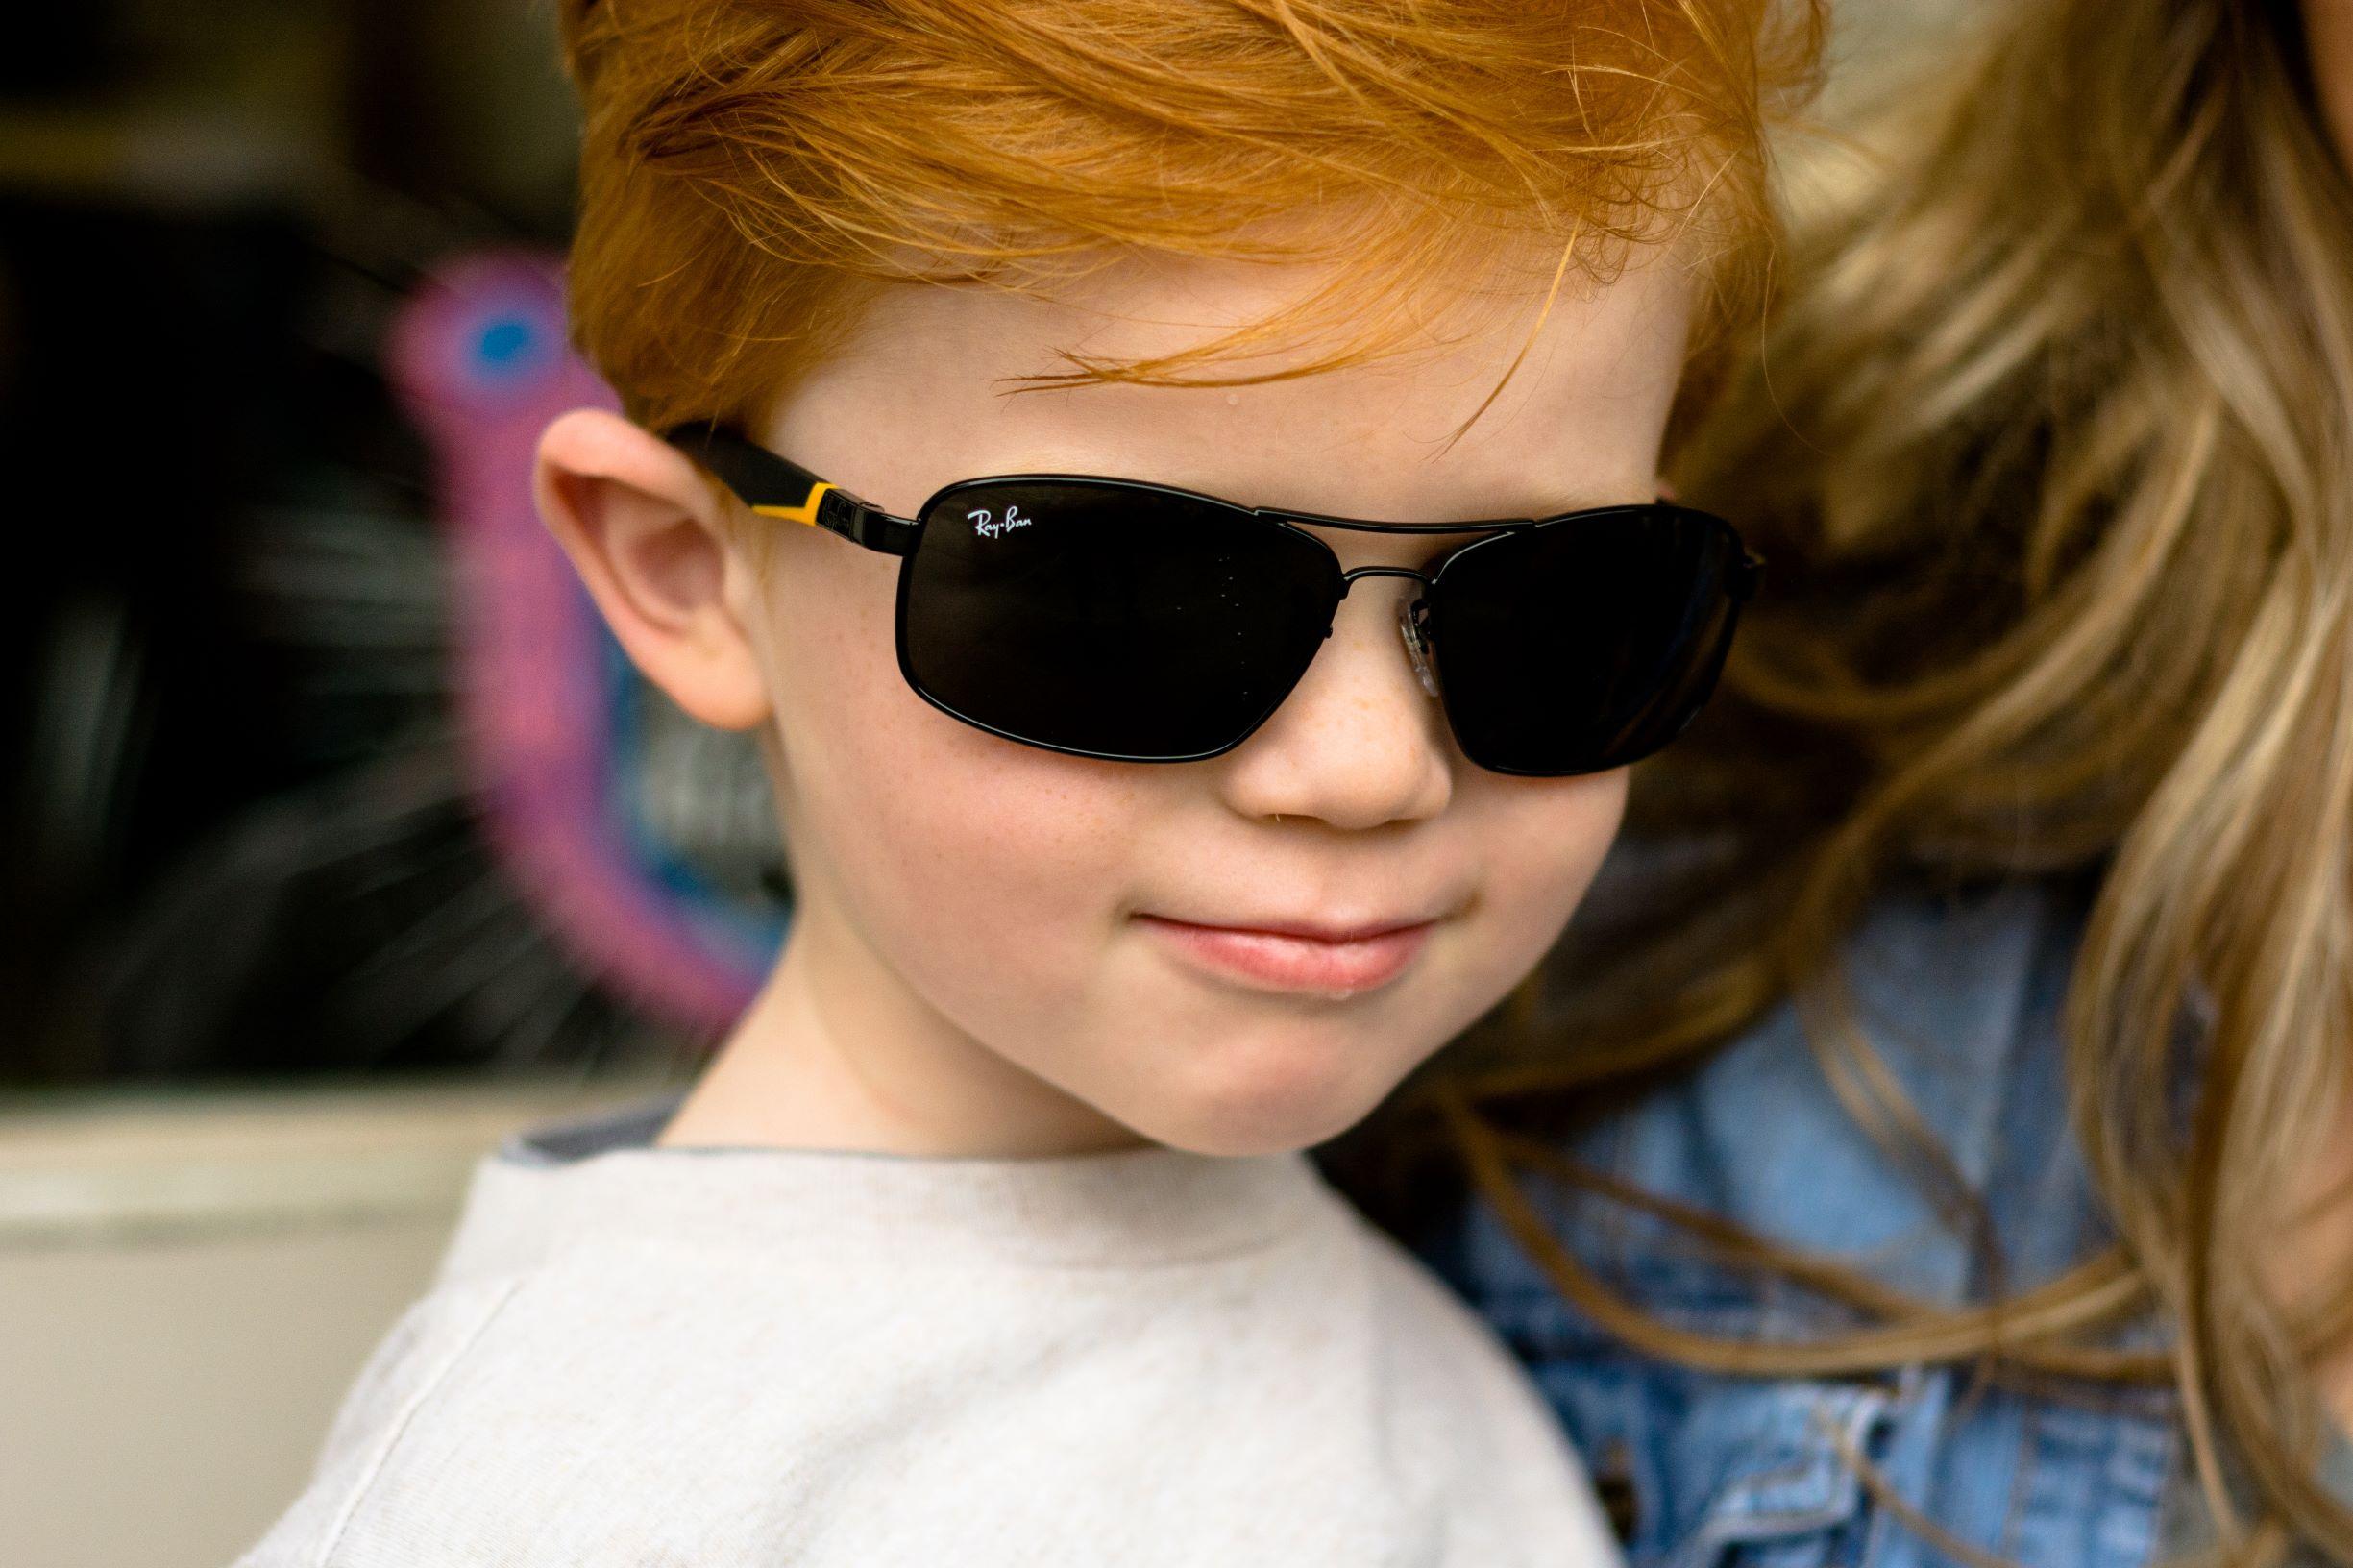 Should My Kids Wear Sunglasses?